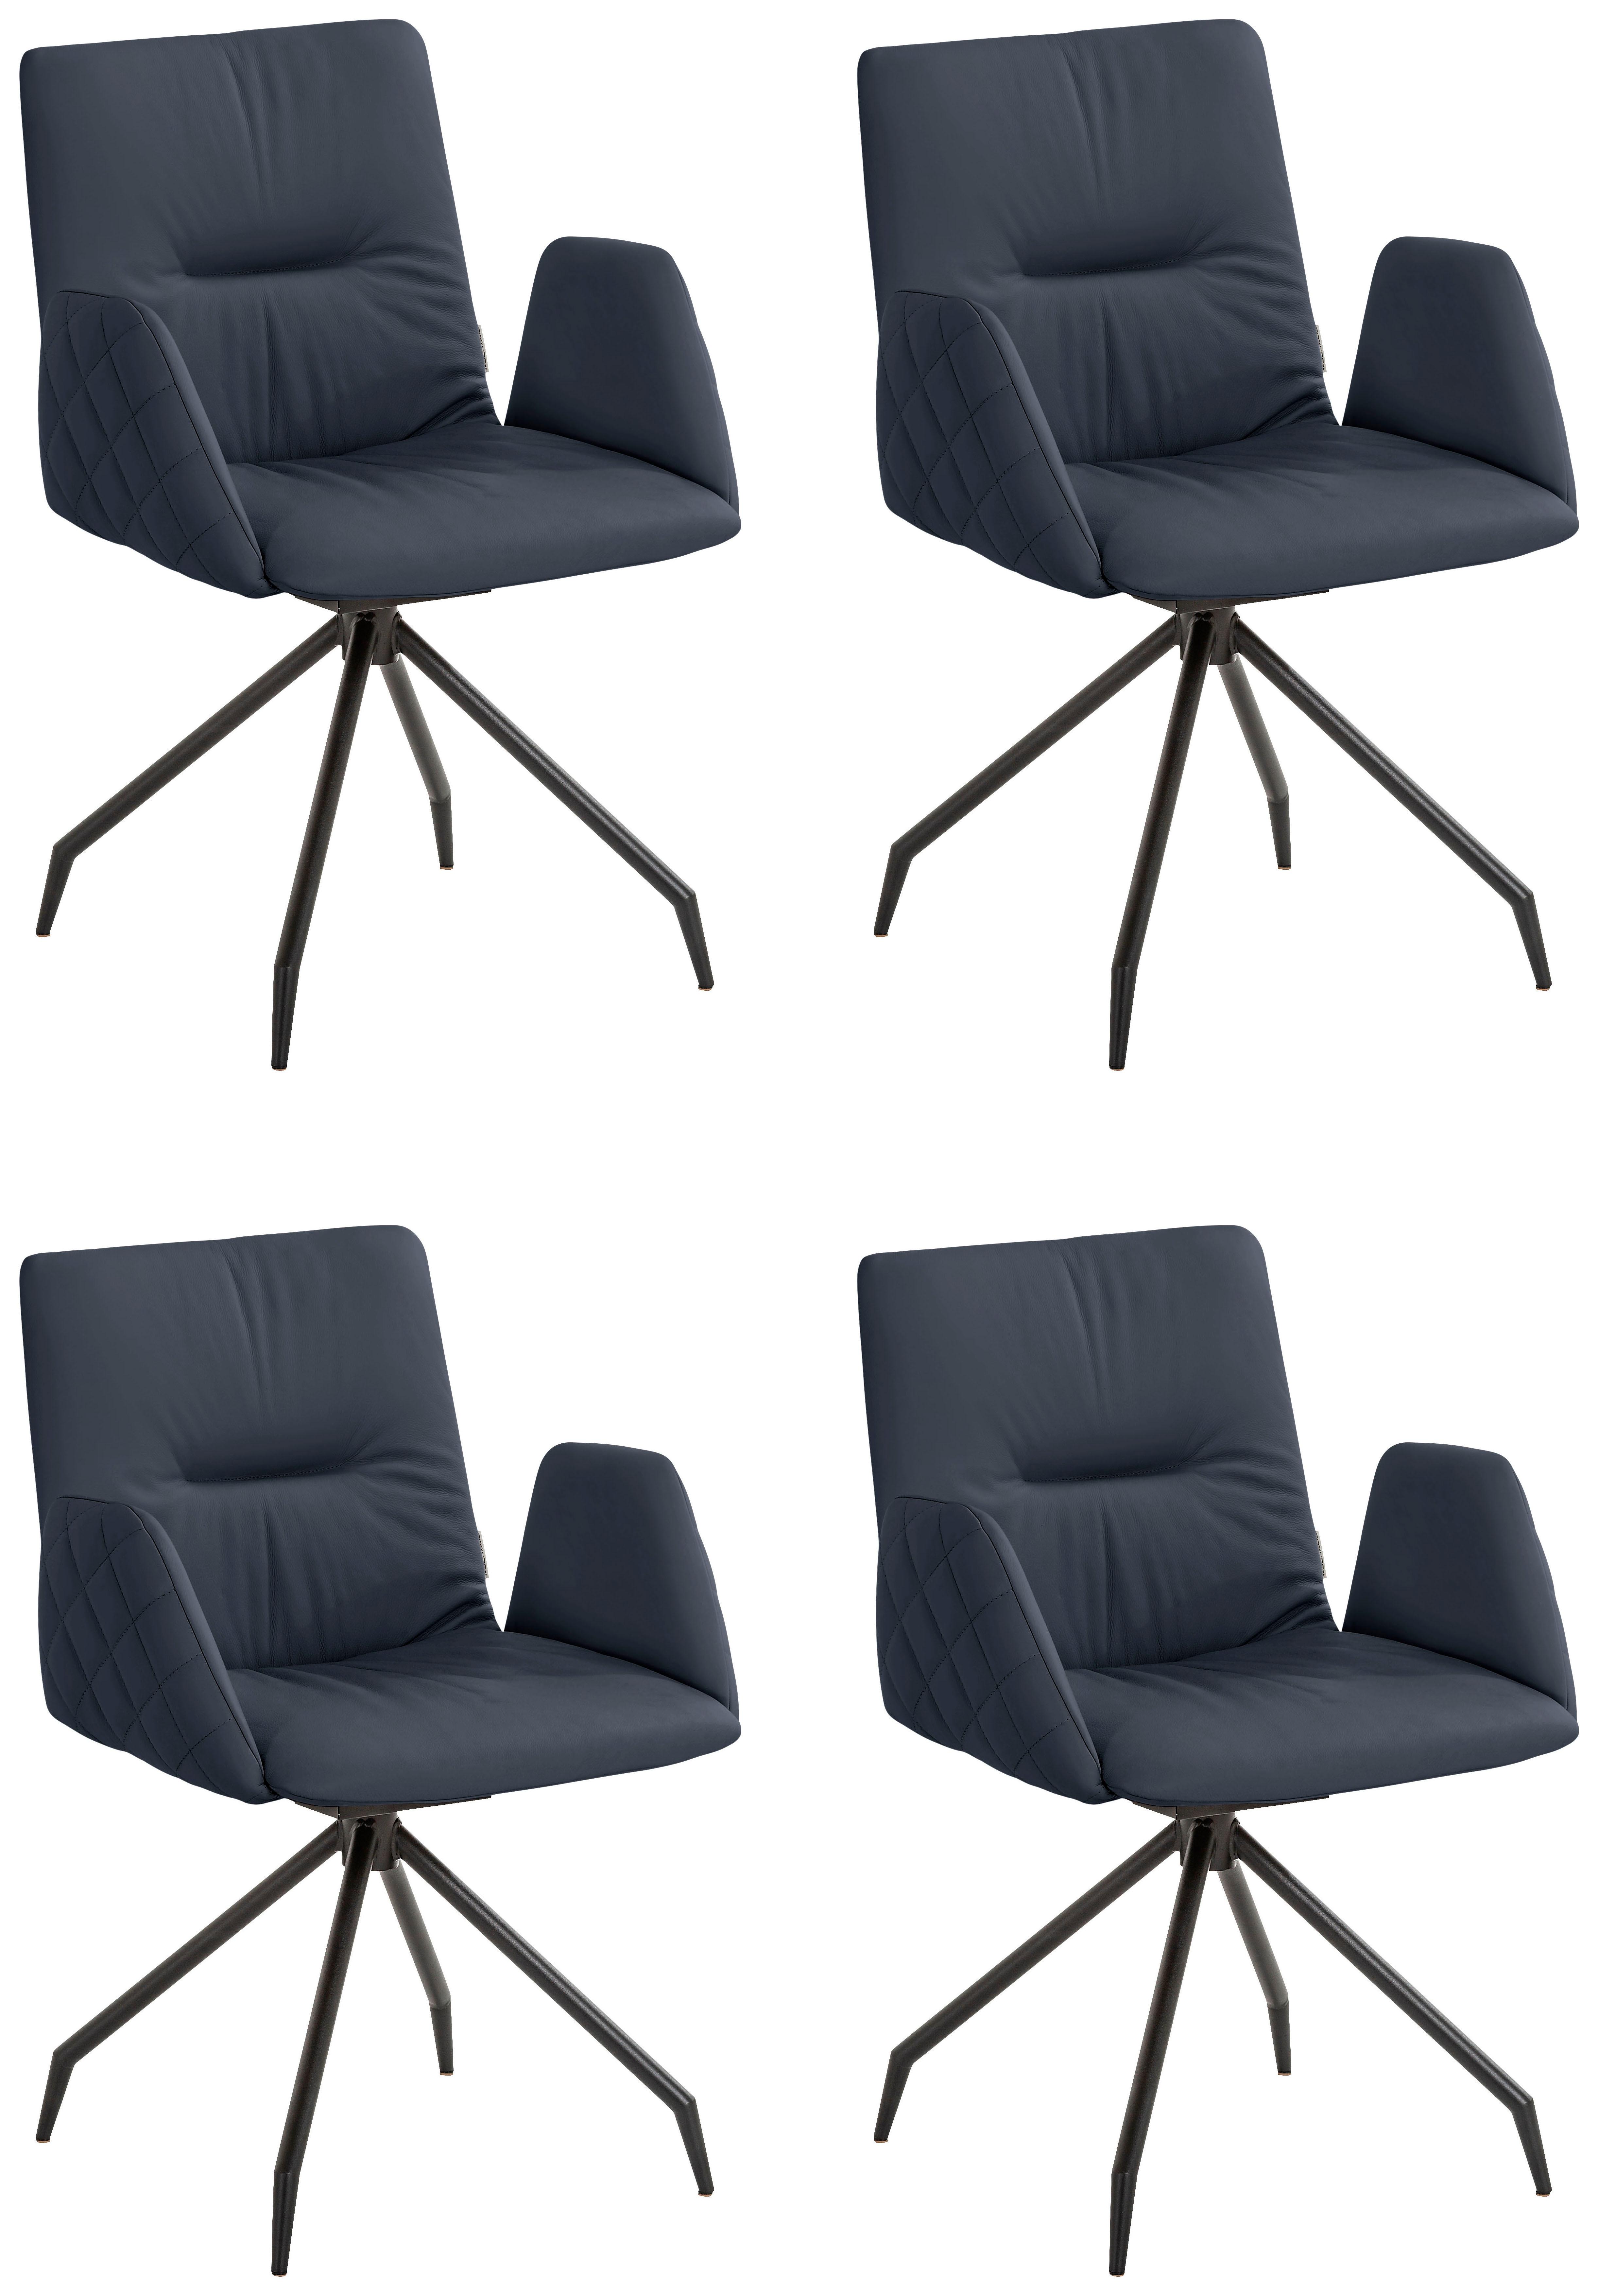 W.SCHILLIG Armlehnstuhl lotta, 2er- oder 4er-Set, mit Rücken- & Seitenteils günstig online kaufen